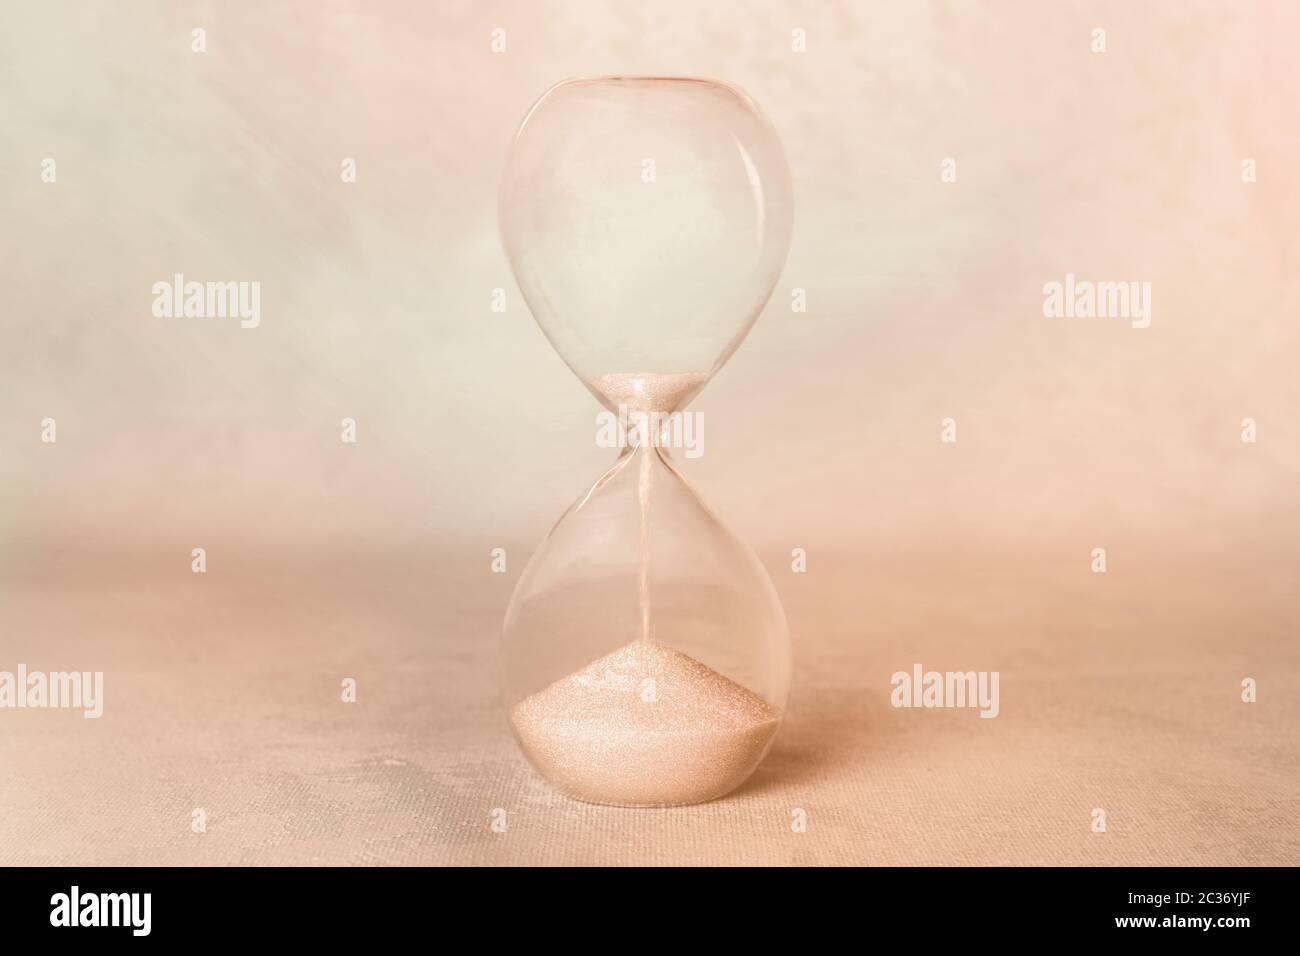 Zeit. Eine Sanduhr mit durchfallendem Sand. Alter, Nostalgiekonzept, sepiagetöntes Bild Stockfoto